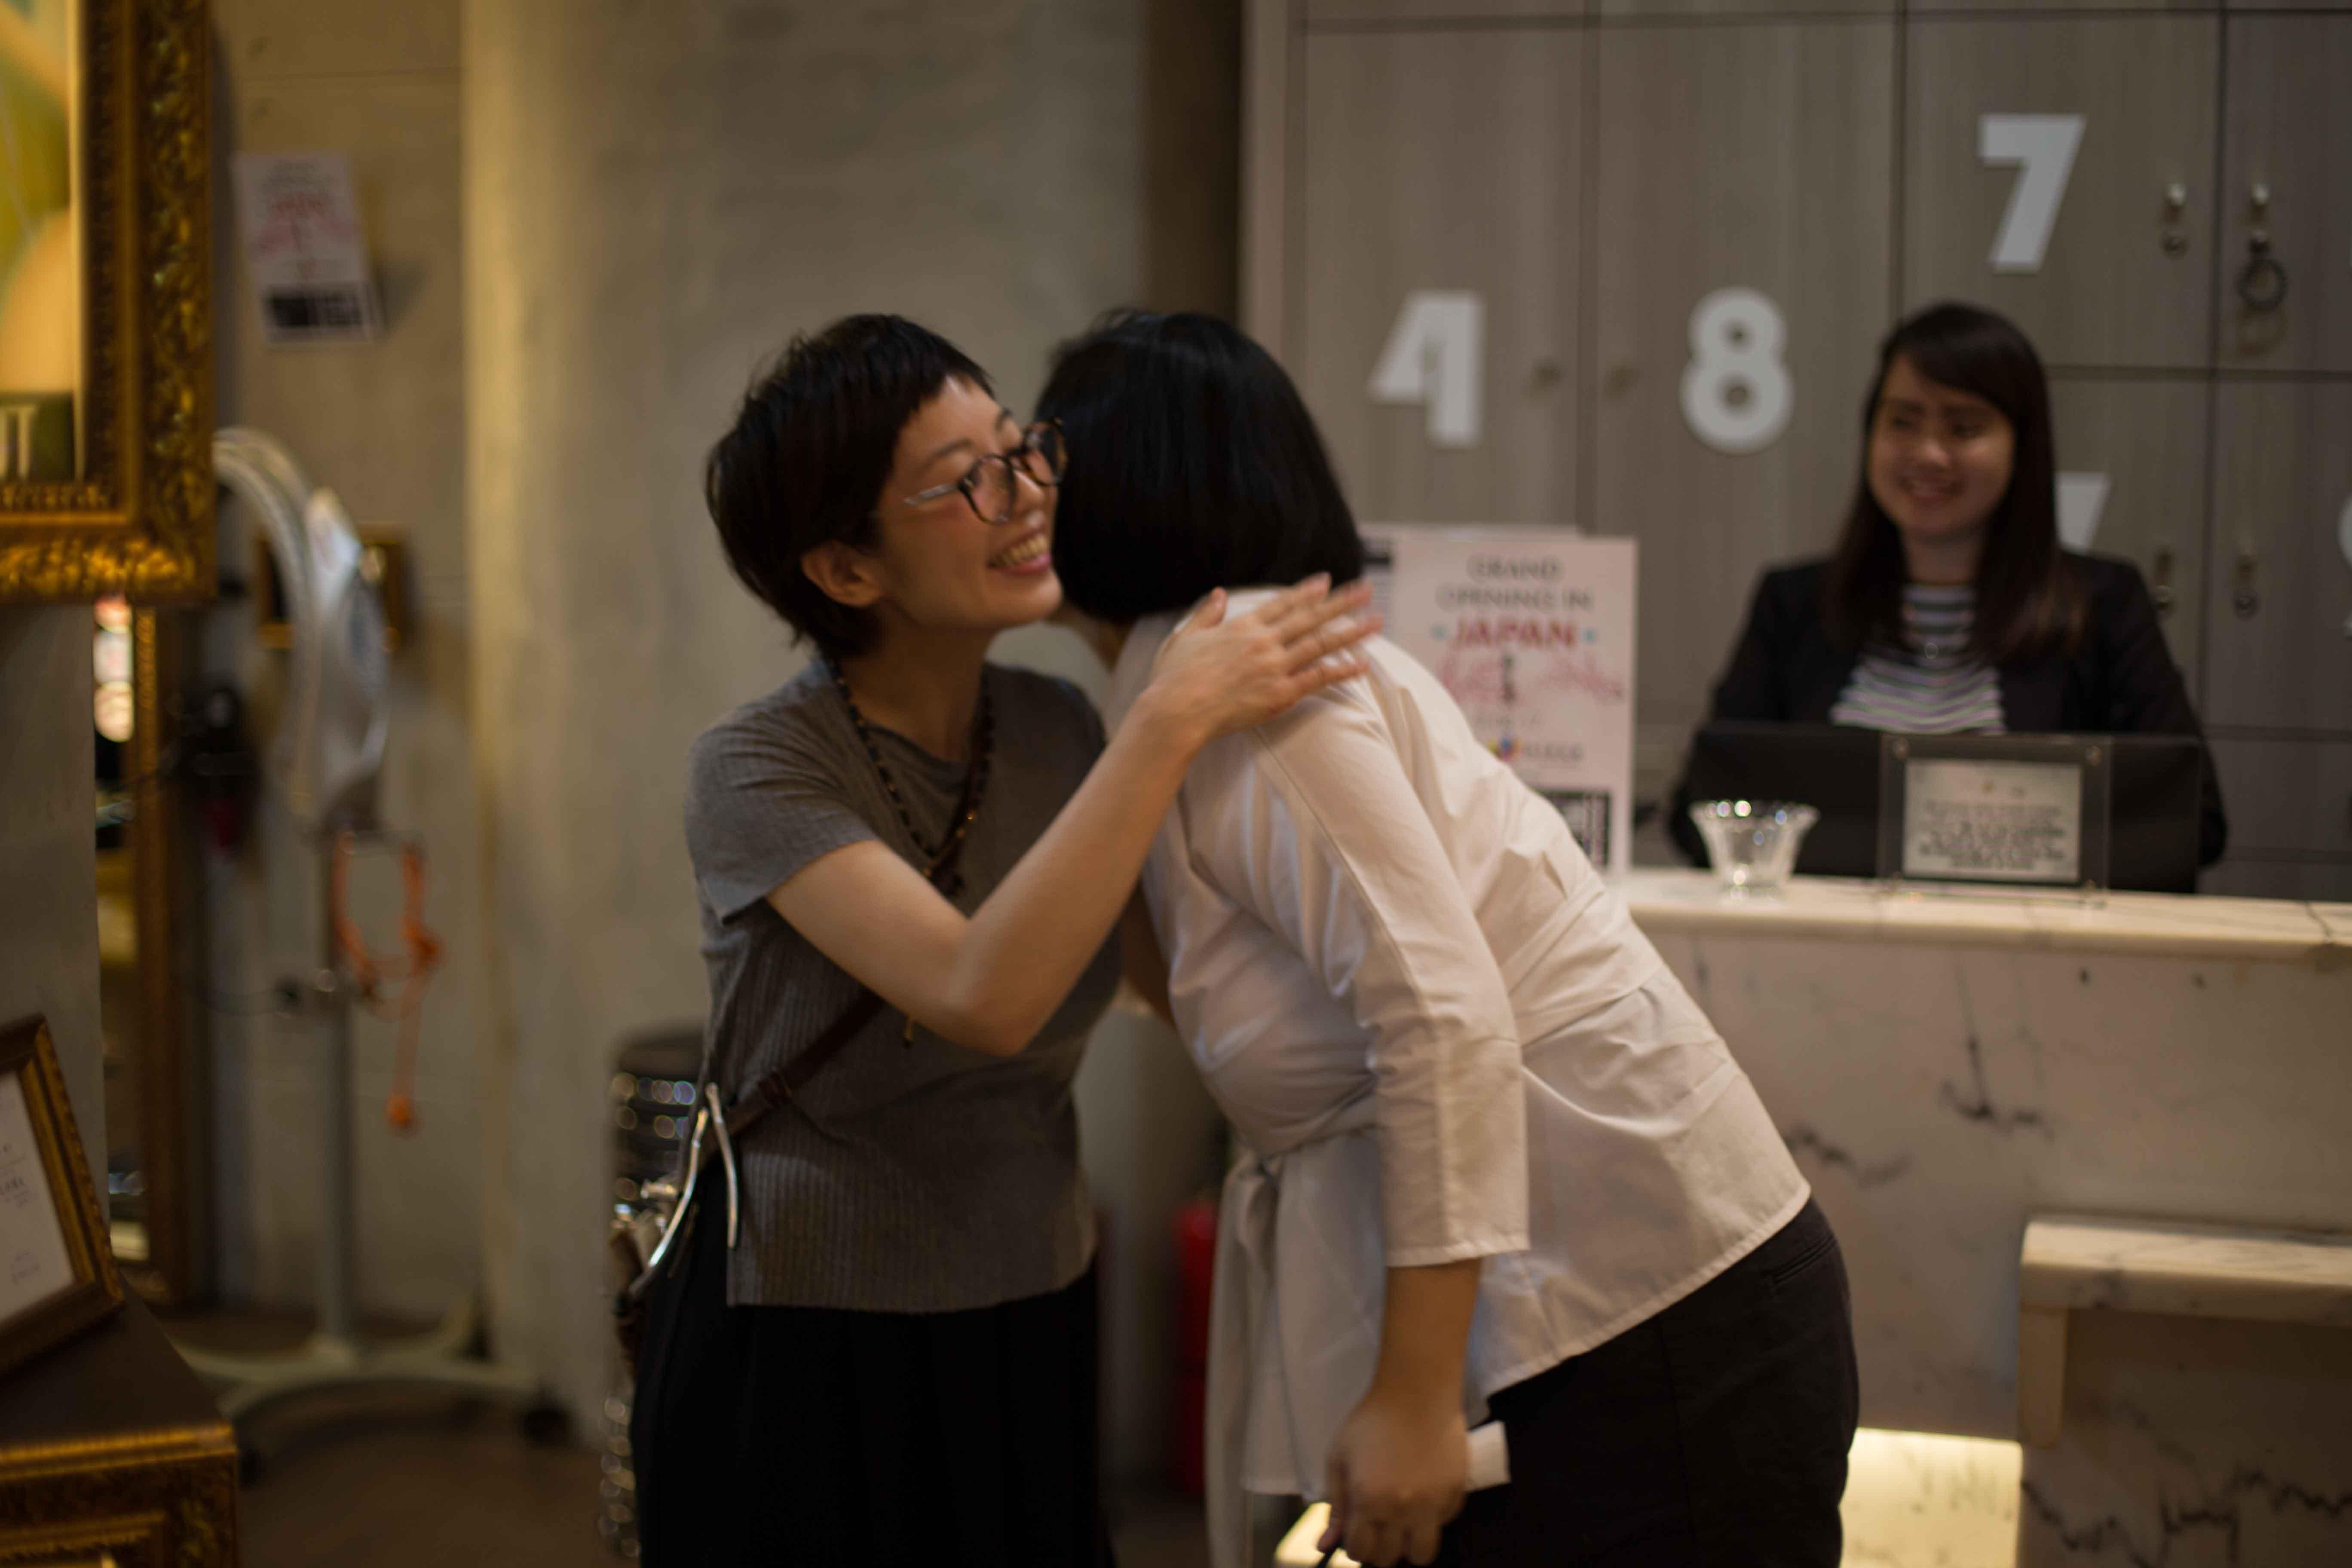 インドネシア ジャカルタ 日系美容室 onepiece ワンピース 日本人美容師 日本人スタイリスト募集 海外就職 海外転職 英語